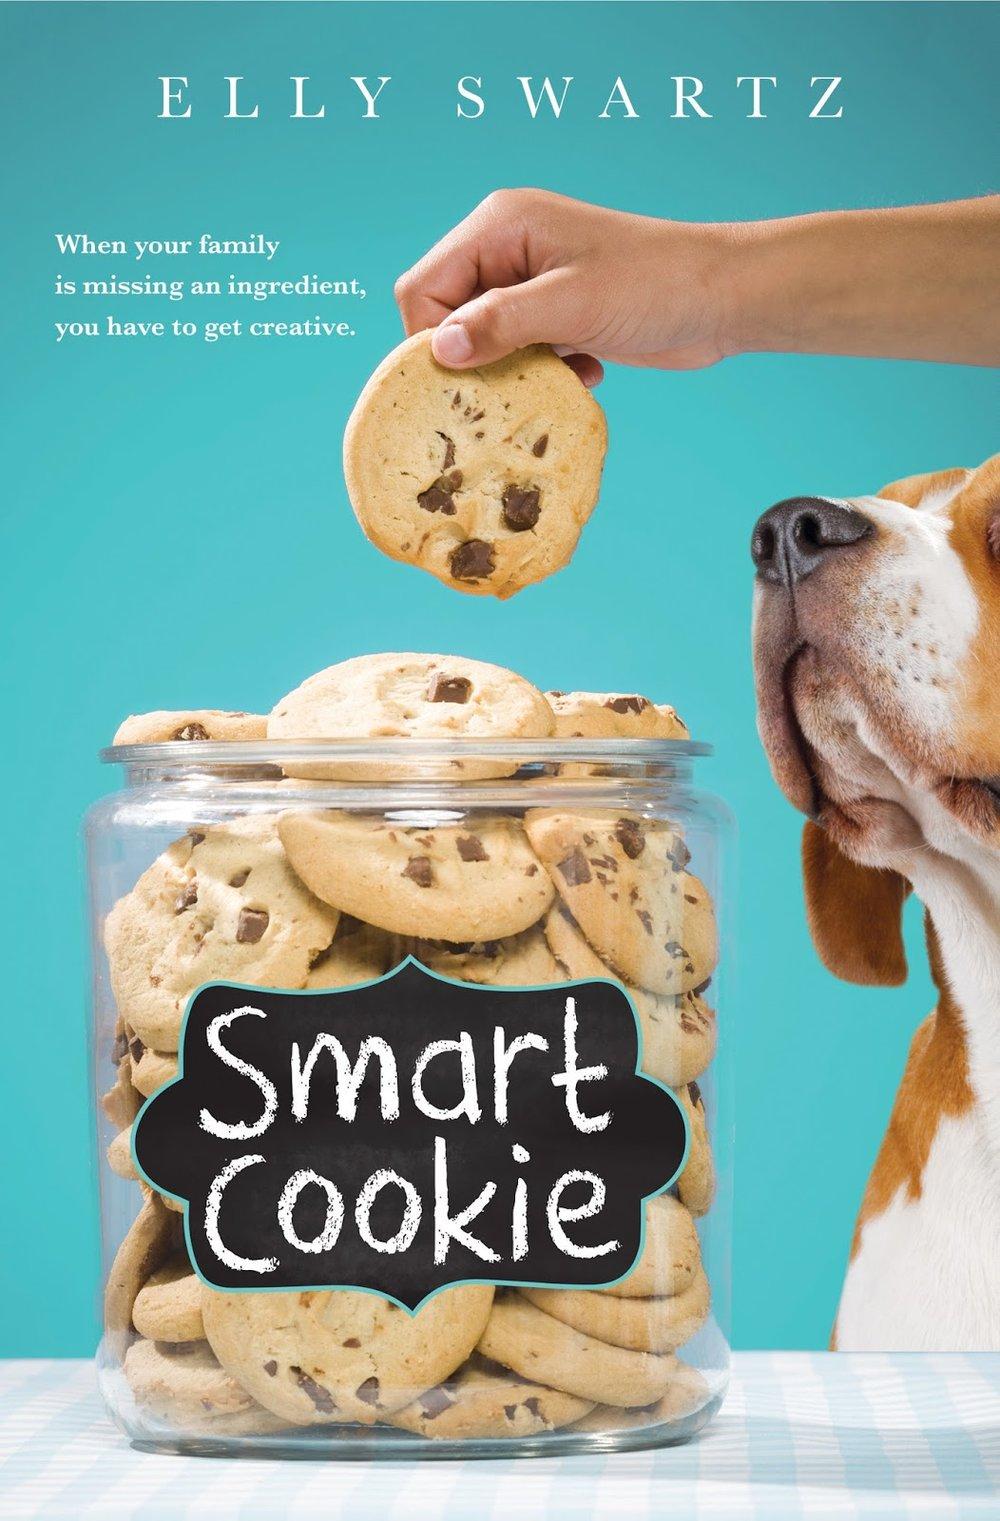 smartcookie.jpg